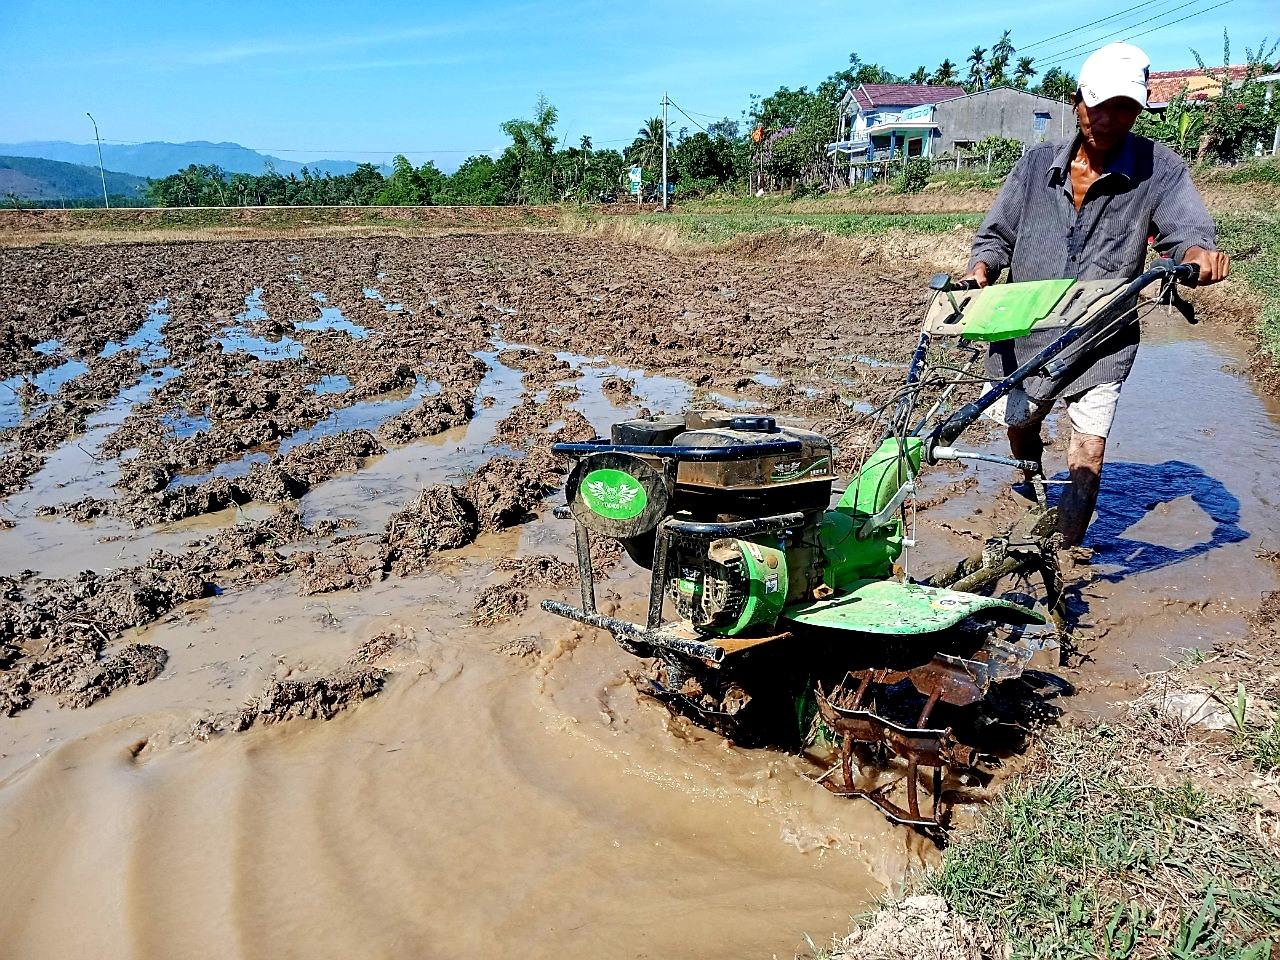 Nông dân huyện Hiệp Đức tập trung làm đất gieo sạ vụ lúa hè thu 2021. Ảnh: S.A